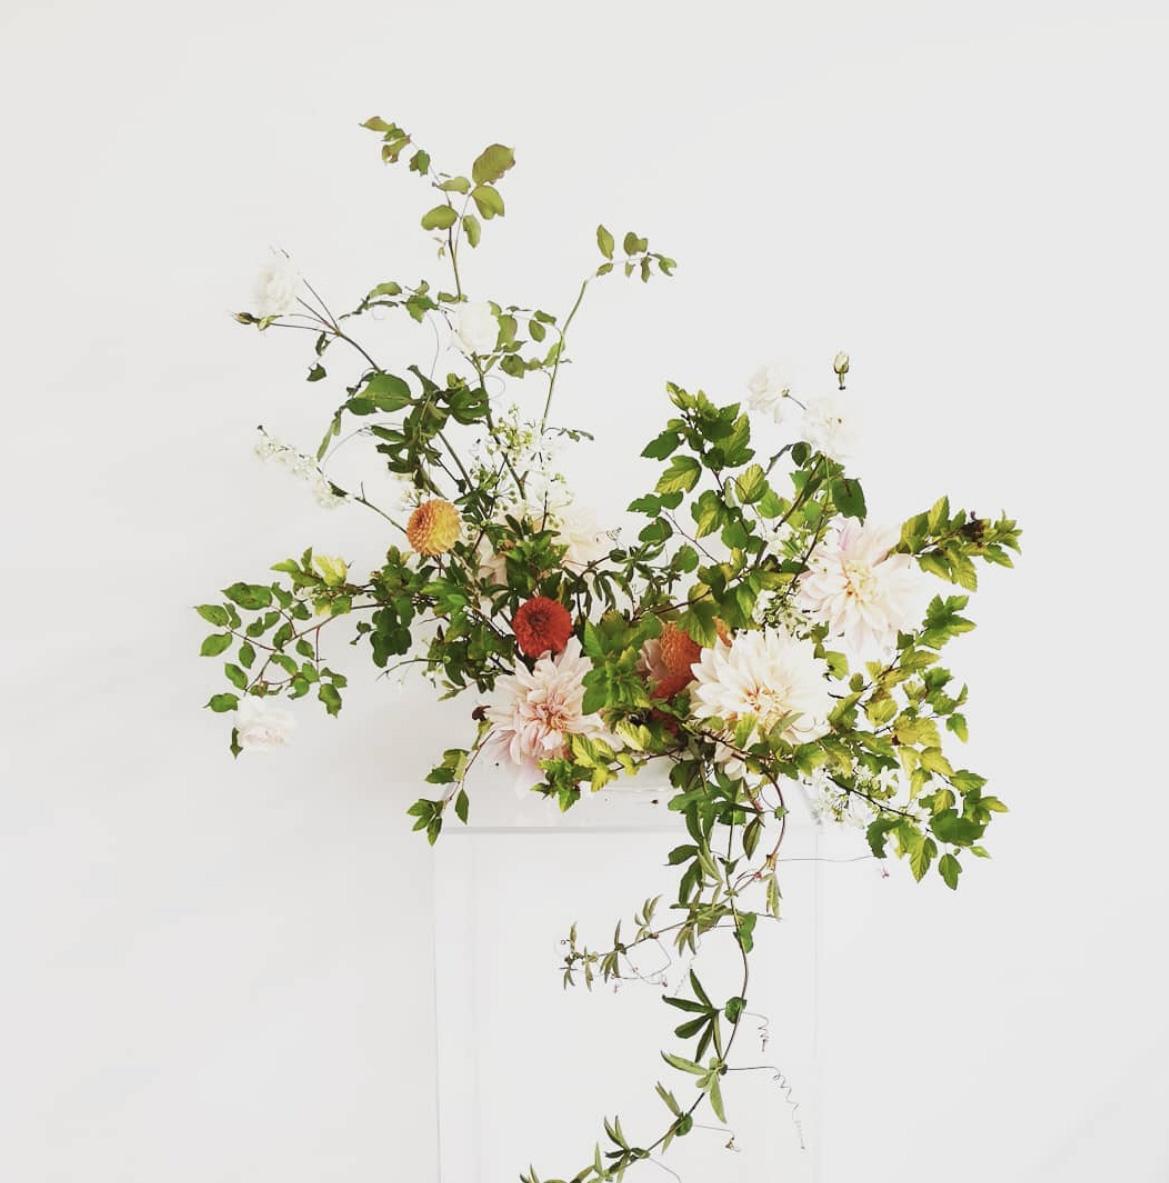 horrobin-hodge-wedding-flowers-53.JPG